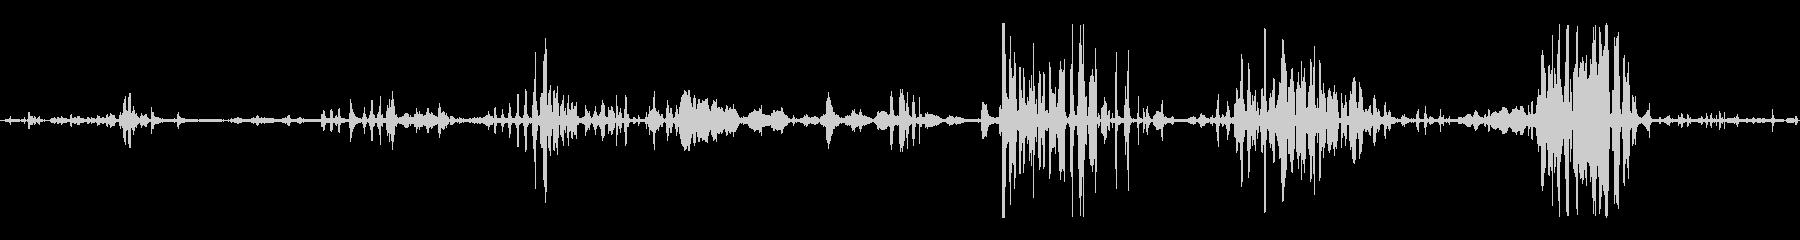 小学生:クスクスと笑いの未再生の波形